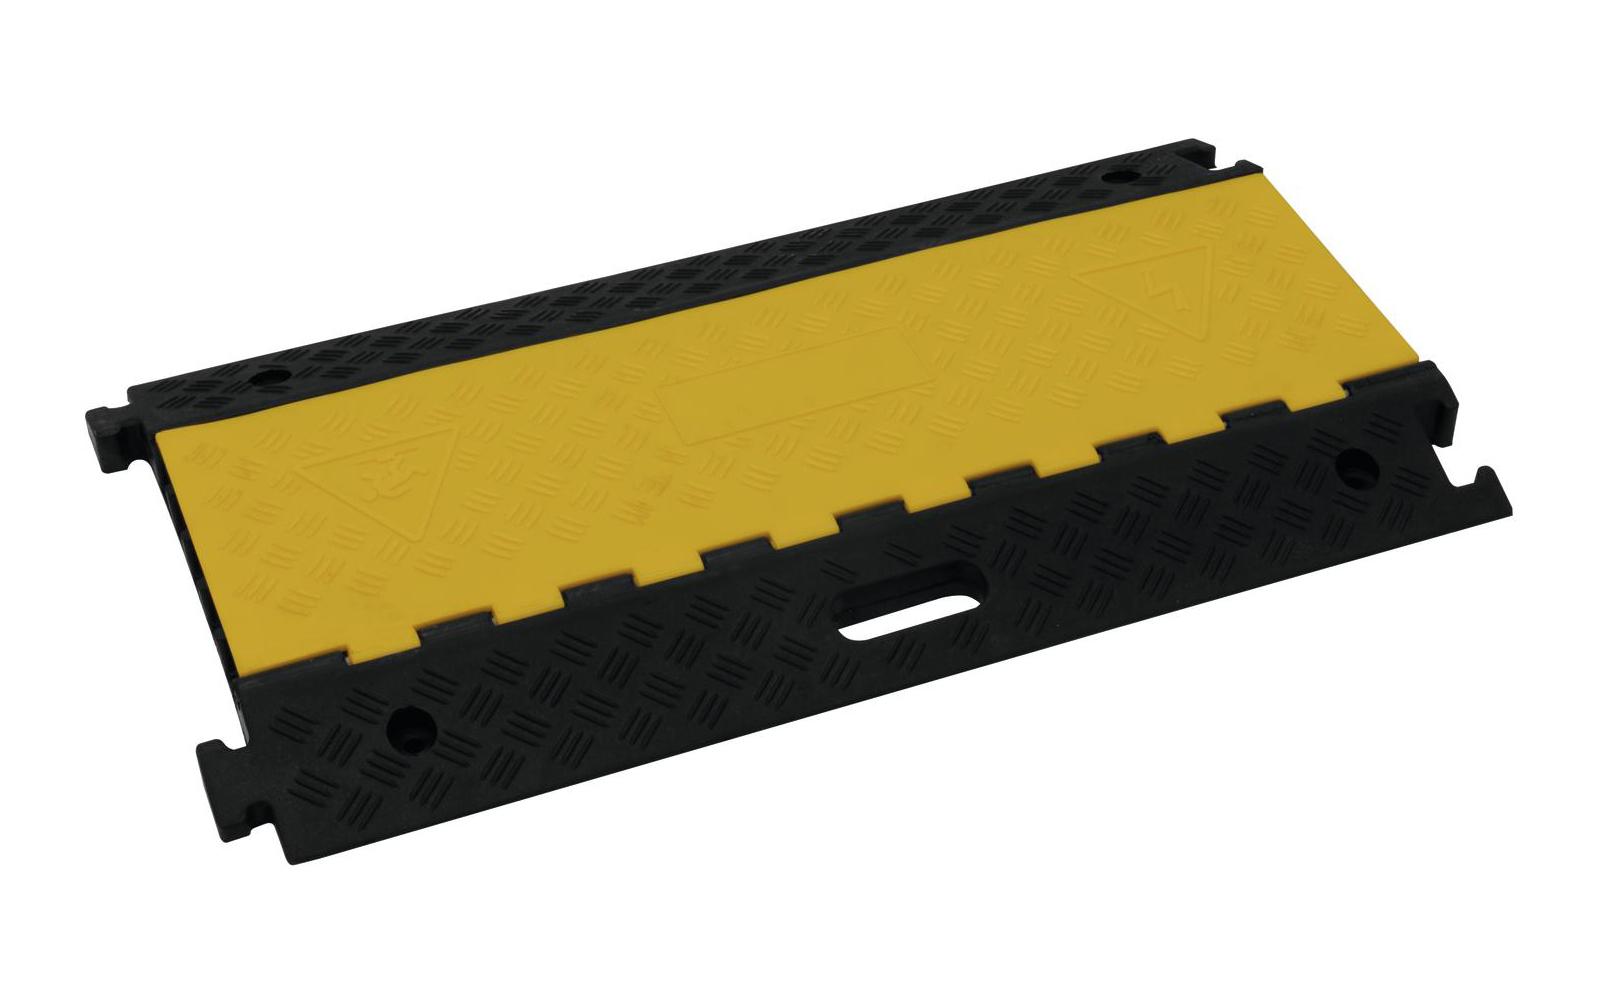 eurolite-kabelbra-cke-5-kana-le-900x500x50mm